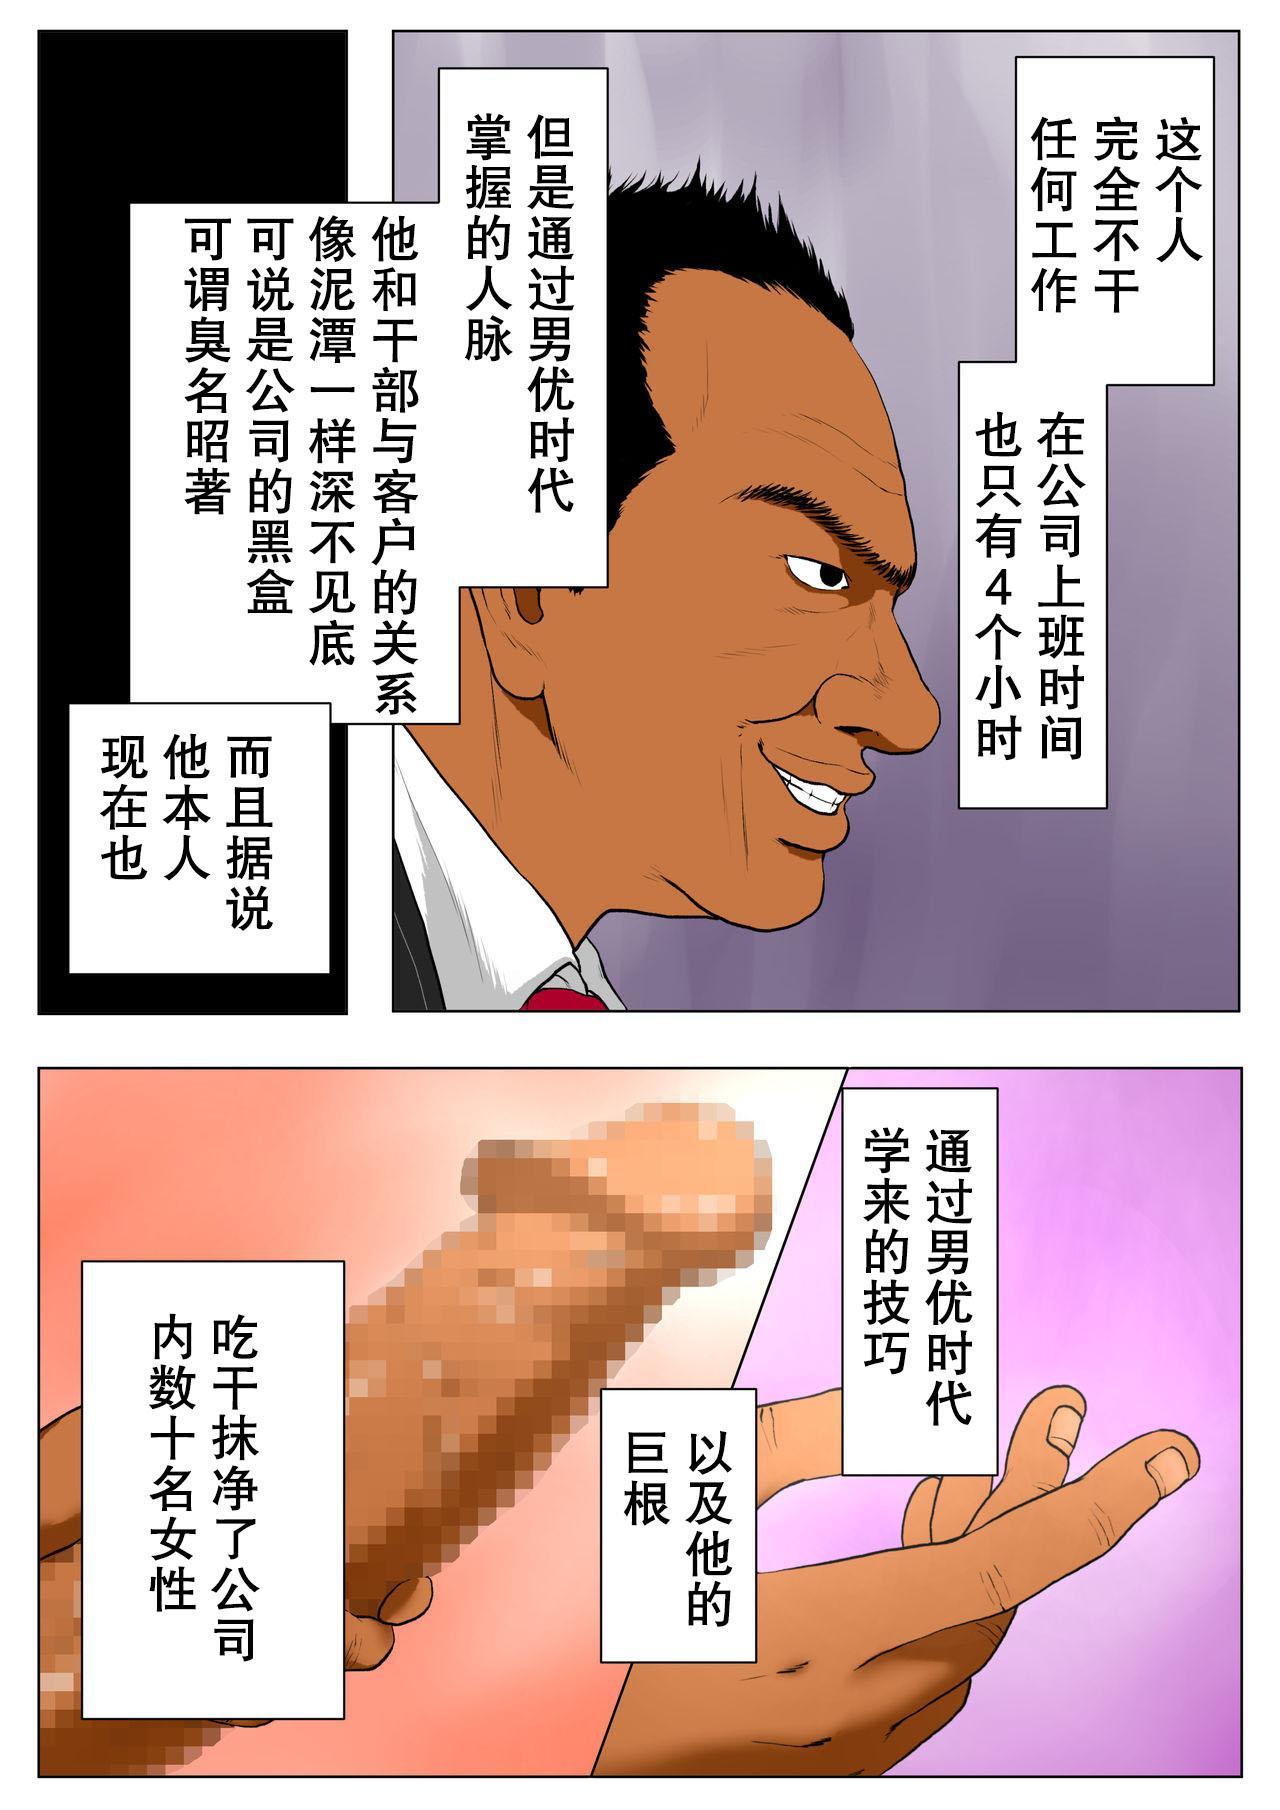 [W no Honnou] Shin, Boku no Tsuma to Kyokon no Moto AV Danyuu Buchou[Chinese]【不可视汉化】 8